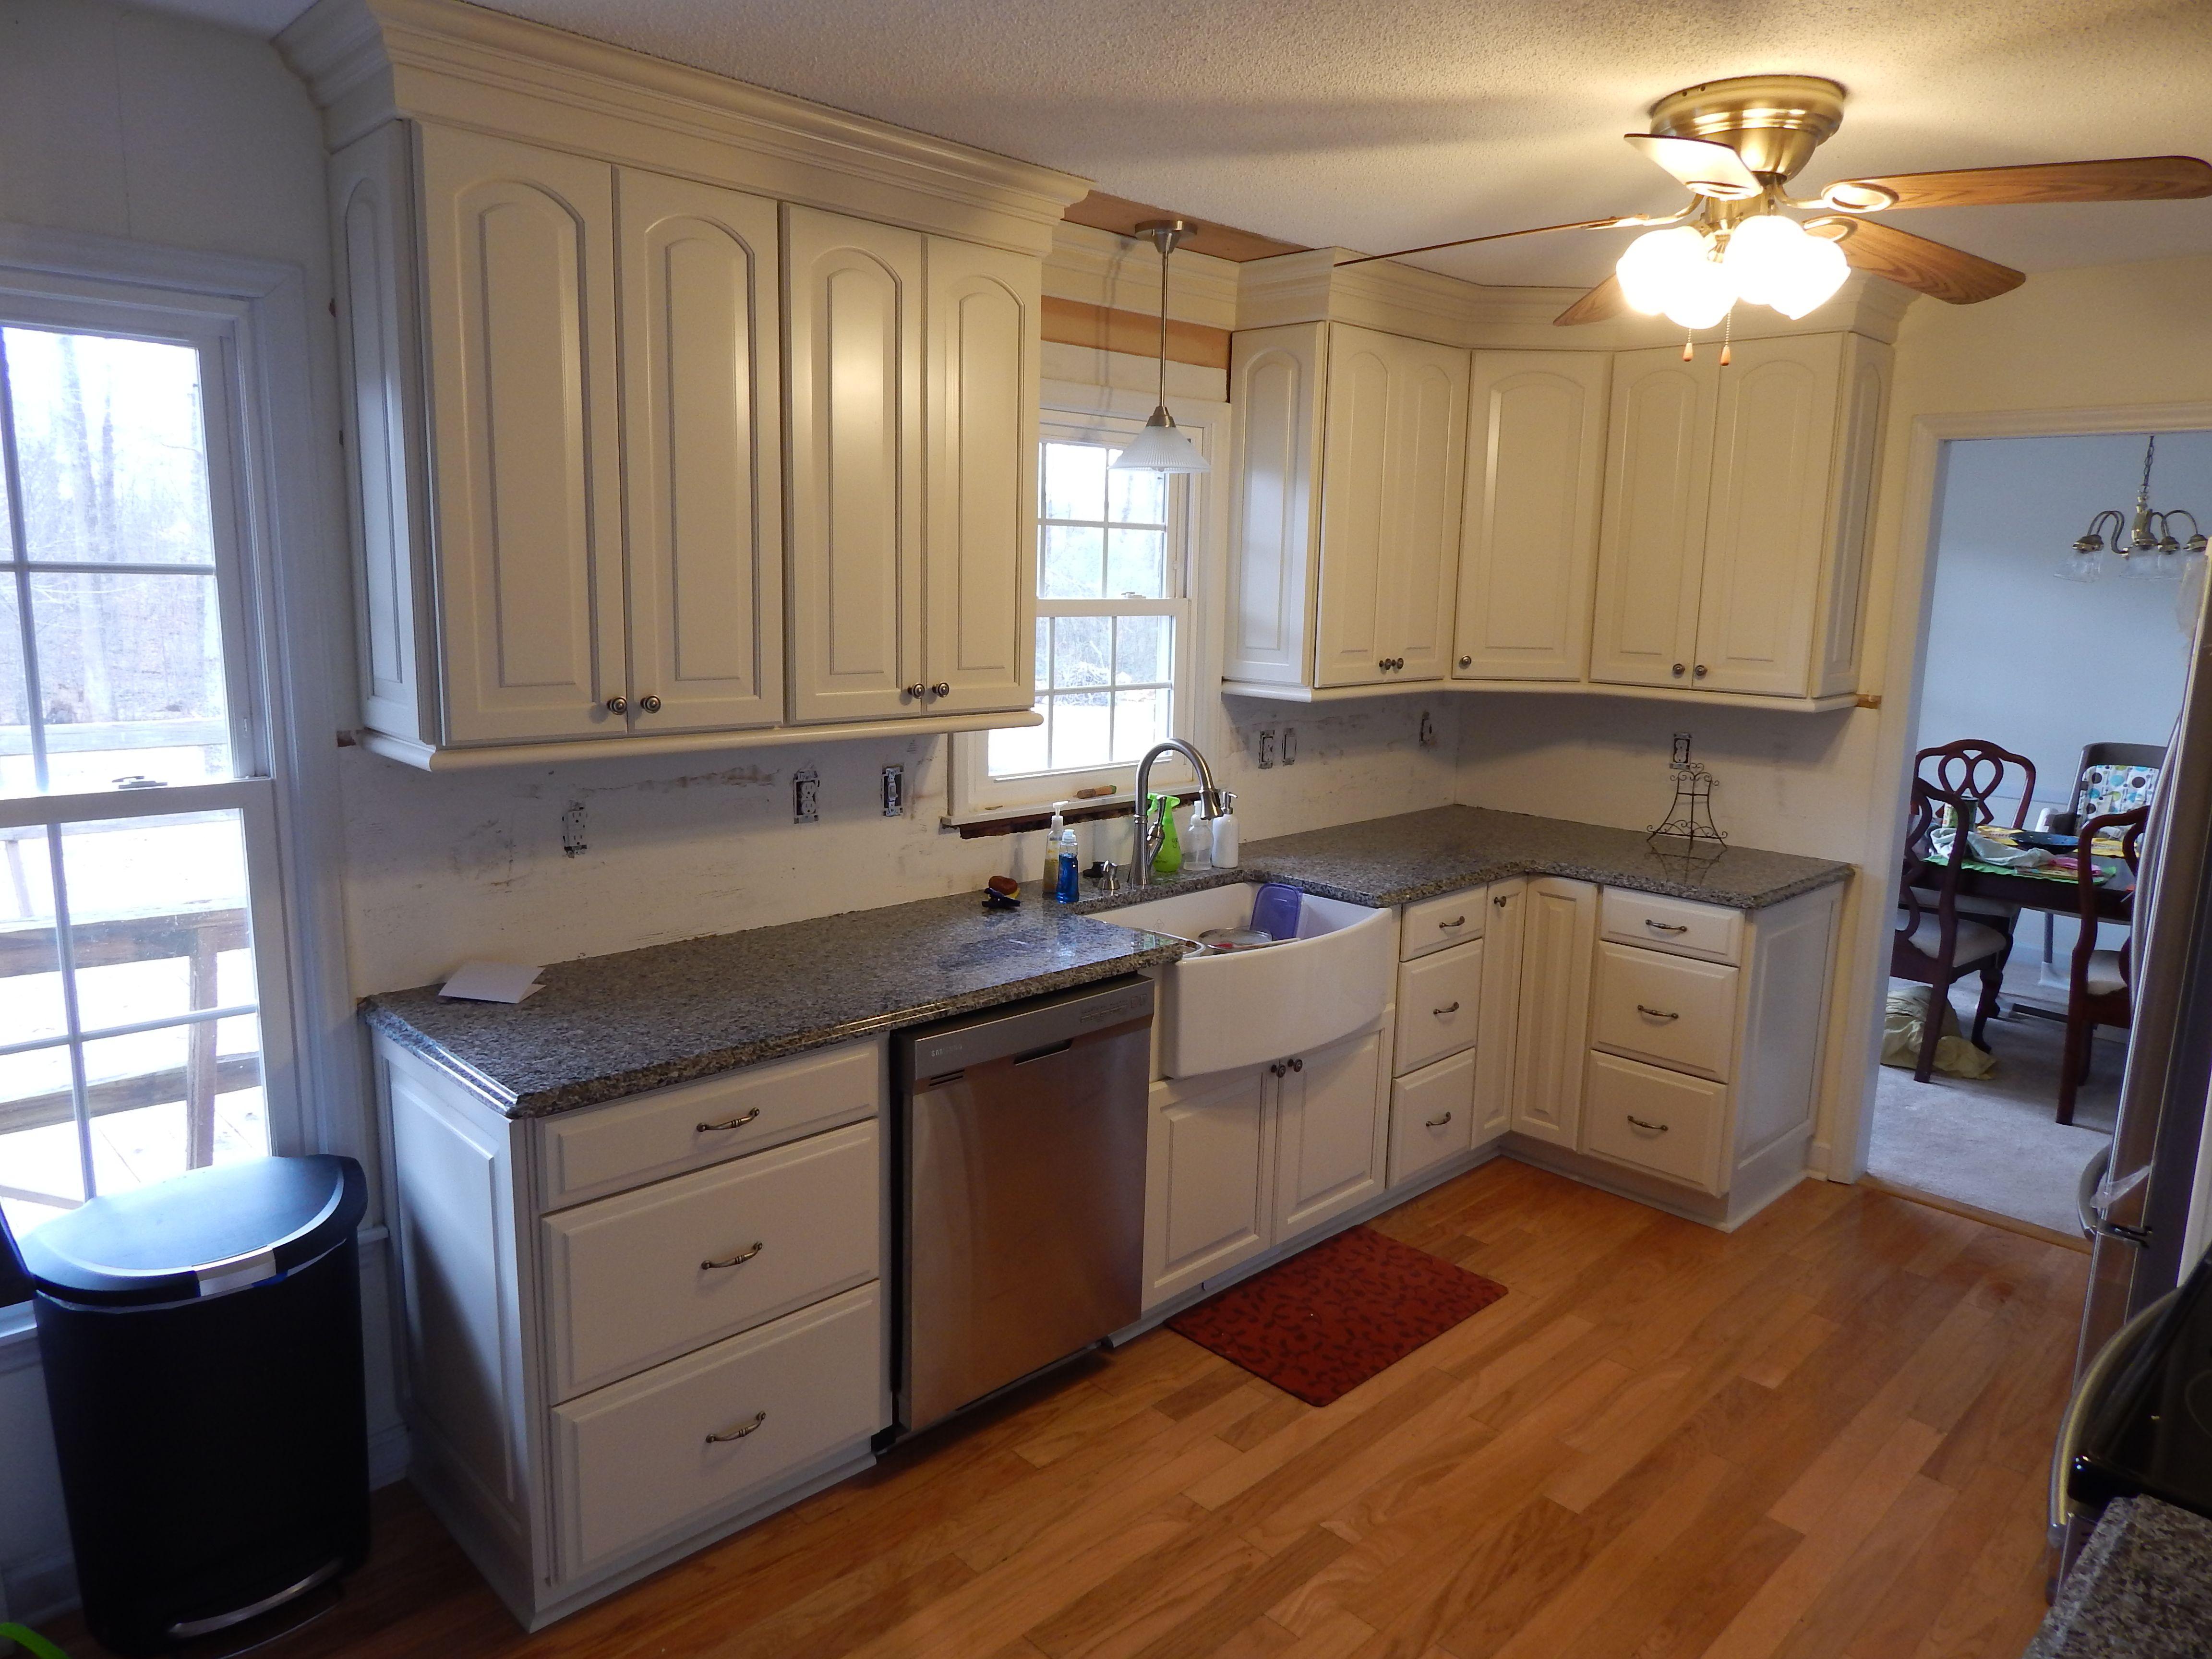 Waypoint 611 Maple Hazelnut Glaze Www Waypointlivingspaces Com Kitchen Design House Interior Kitchen Cabinets